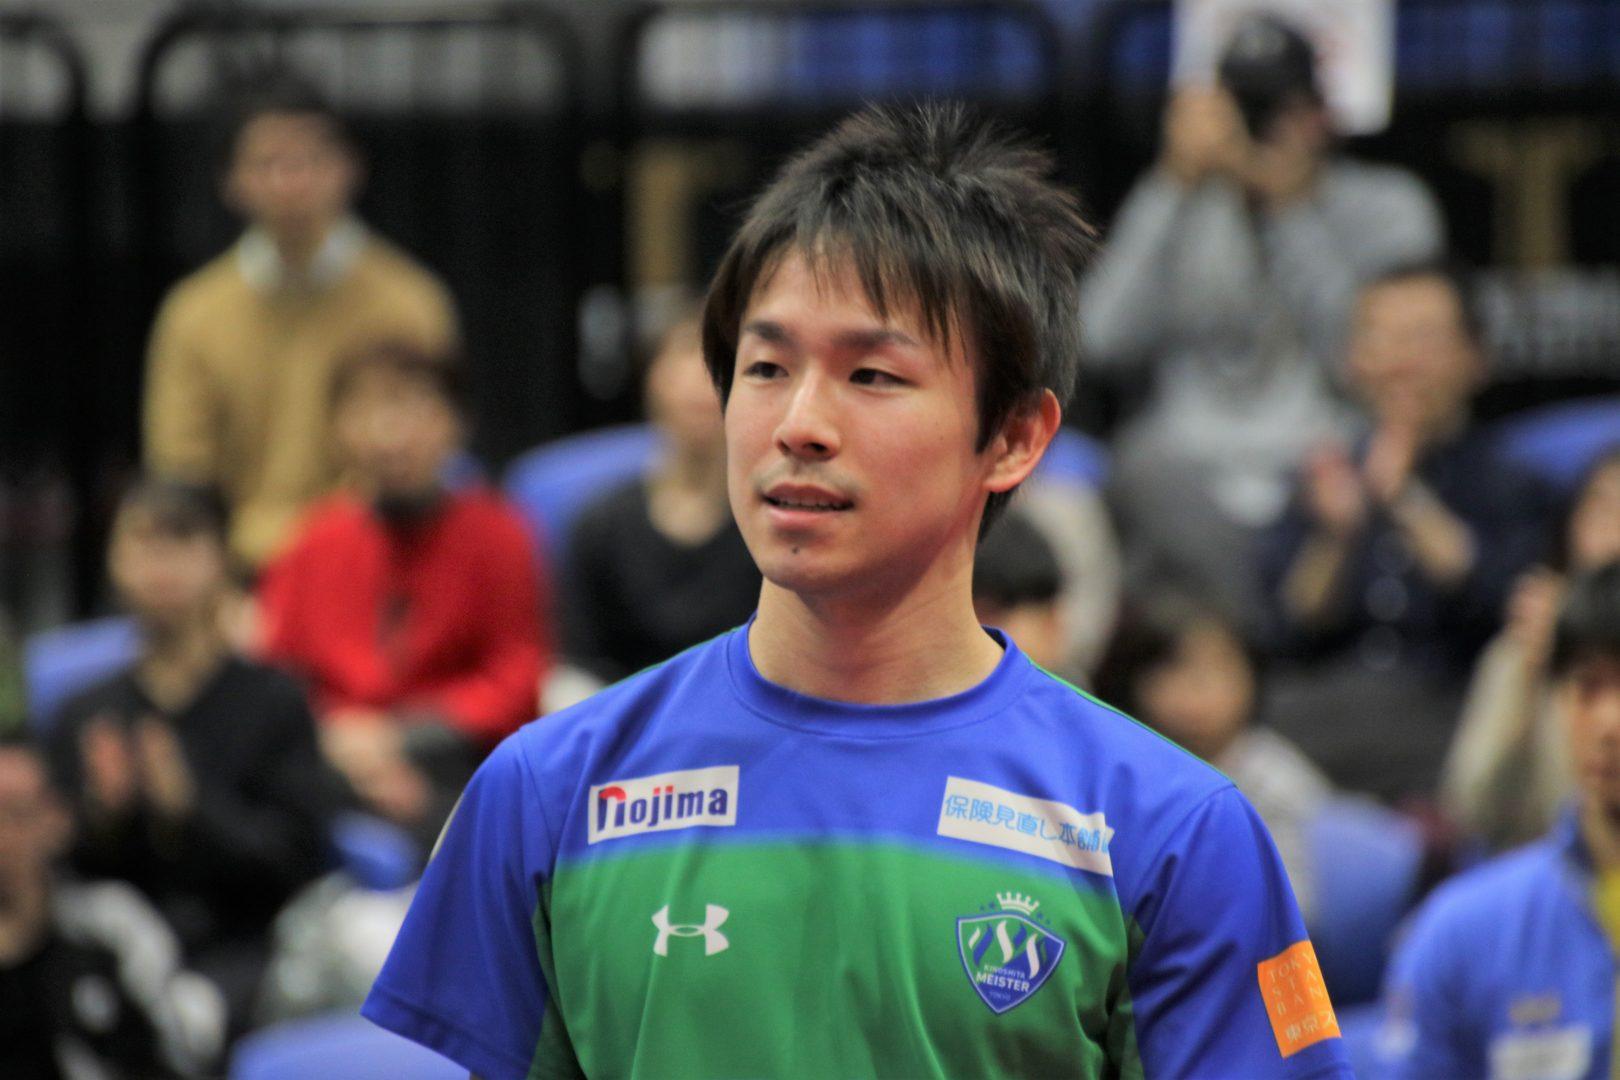 完勝の丹羽「プロ選手としてのやりがいを感じる」 張本敗れるもKM東京に軍配<卓球・Tリーグ>